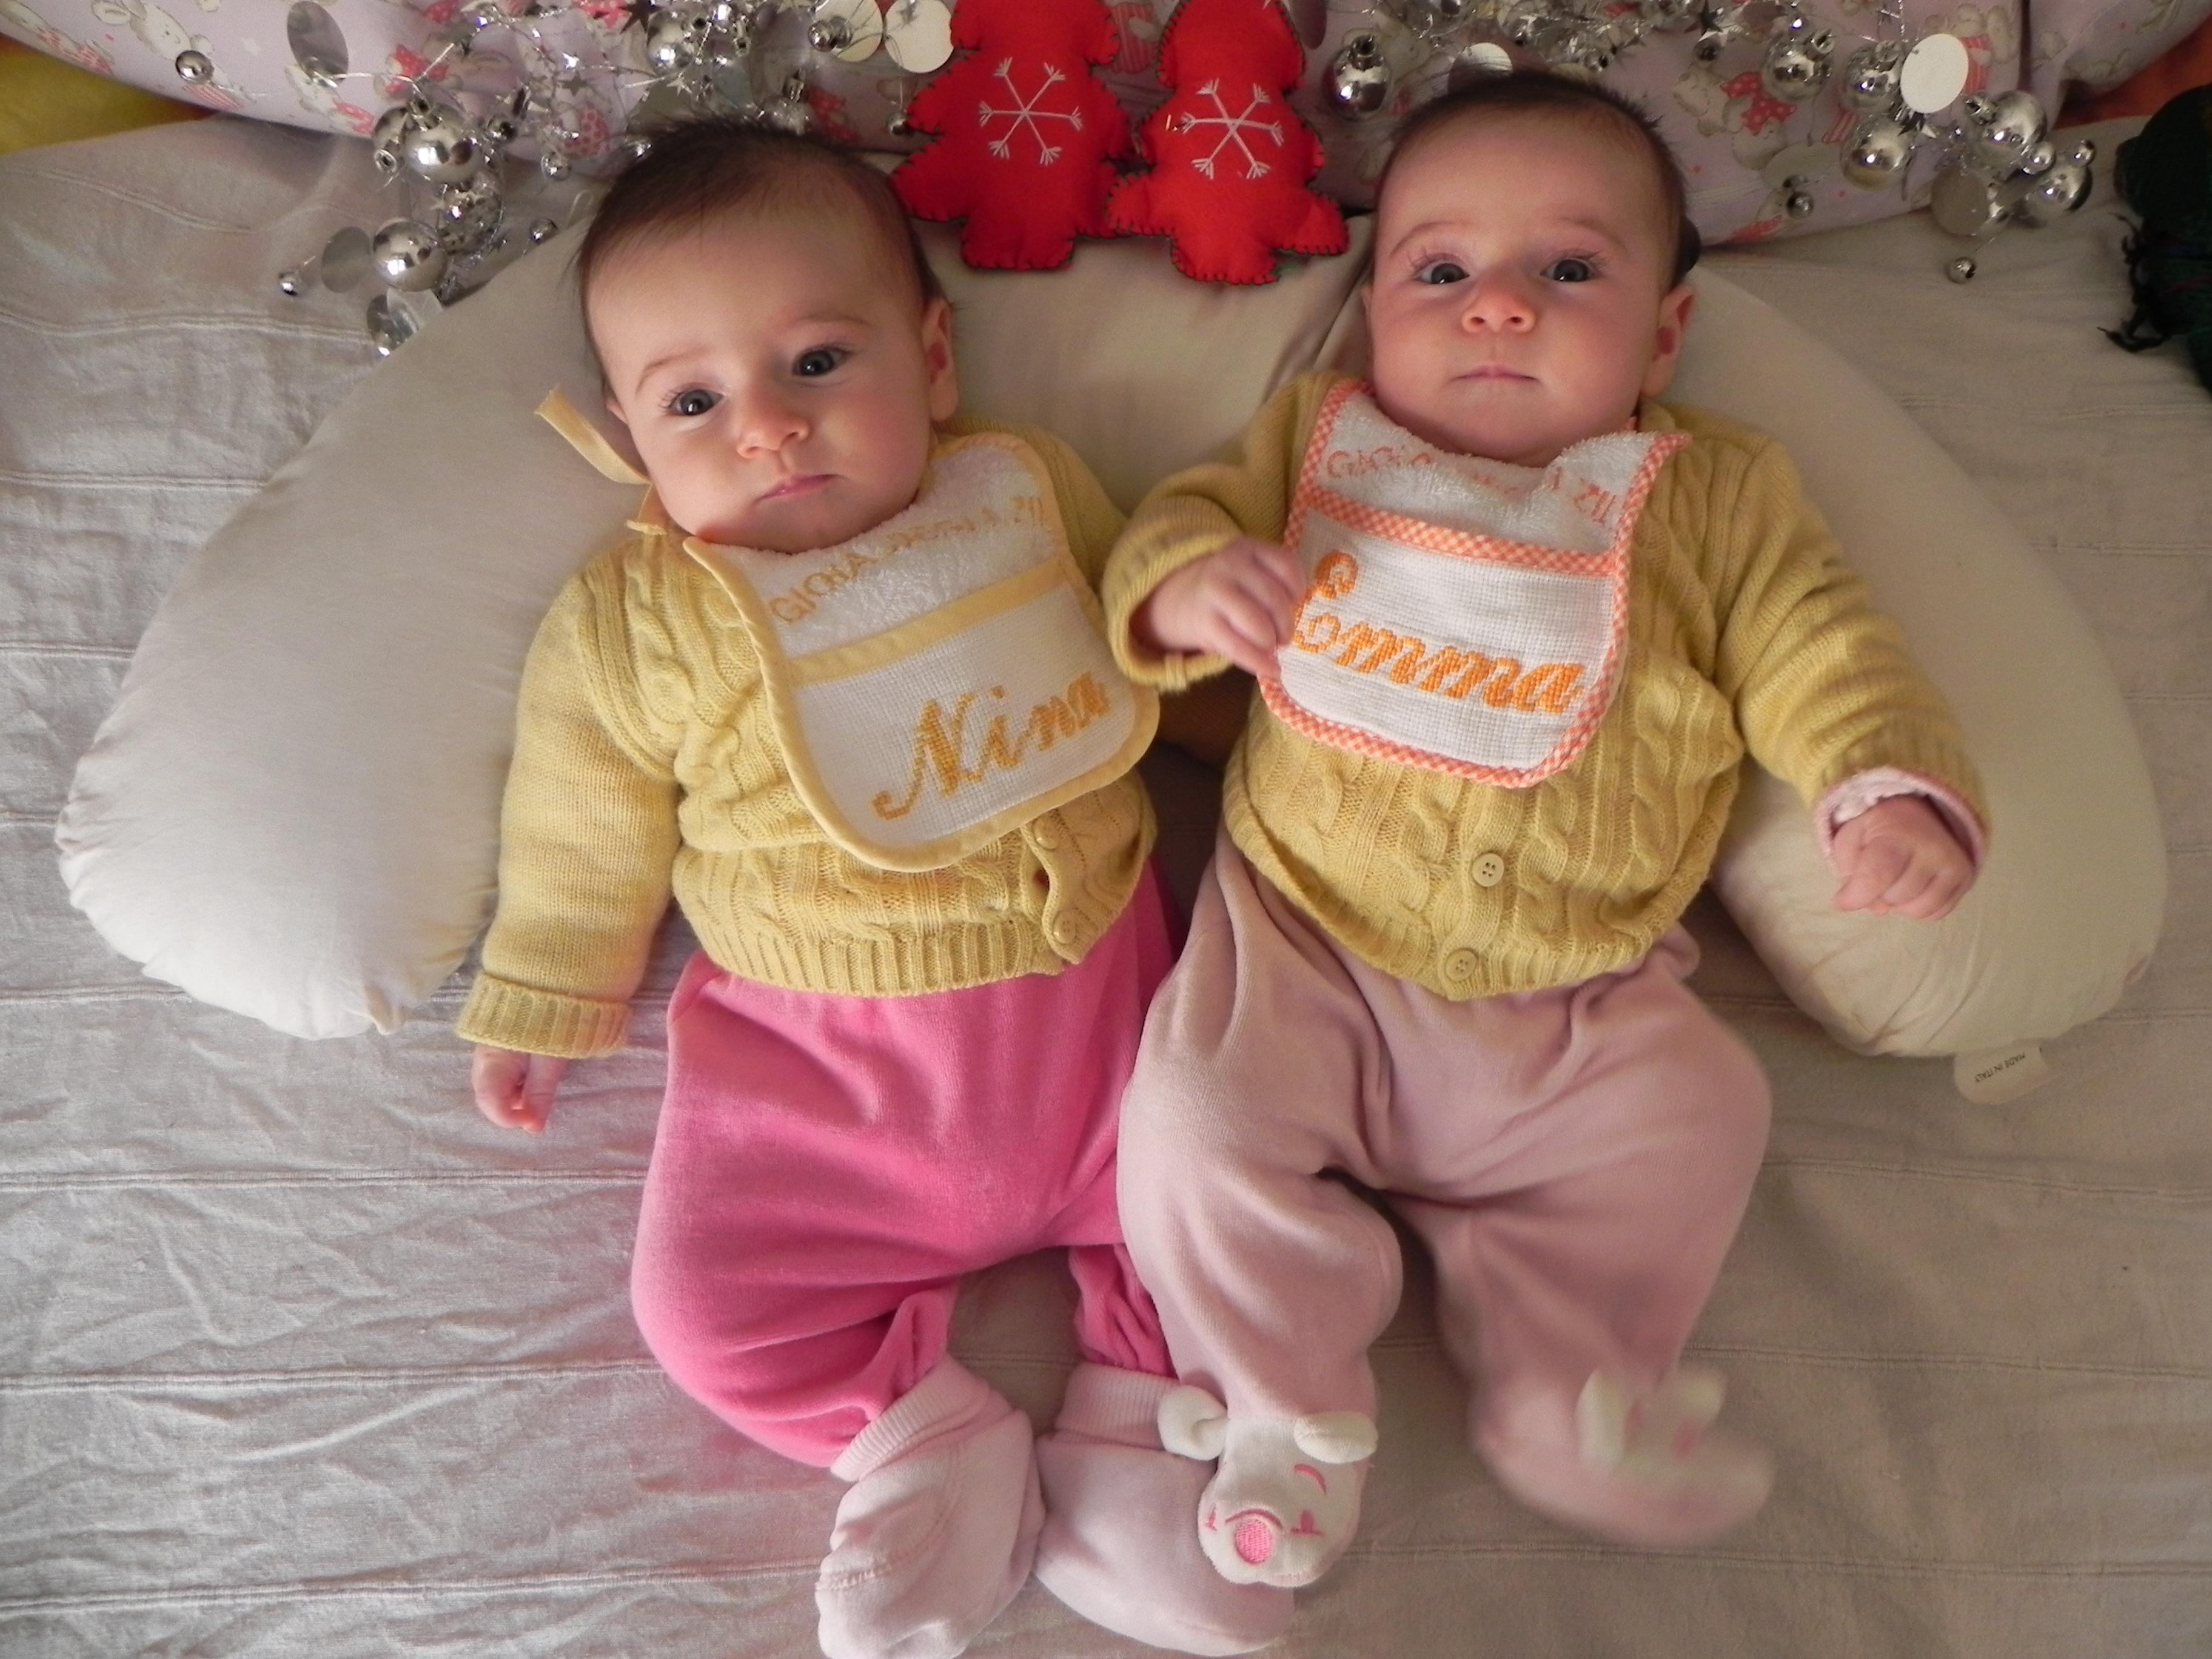 Piccoli trucchi per fotografare i gemelli in maniera - Gemelli diversi foto ricordo ...